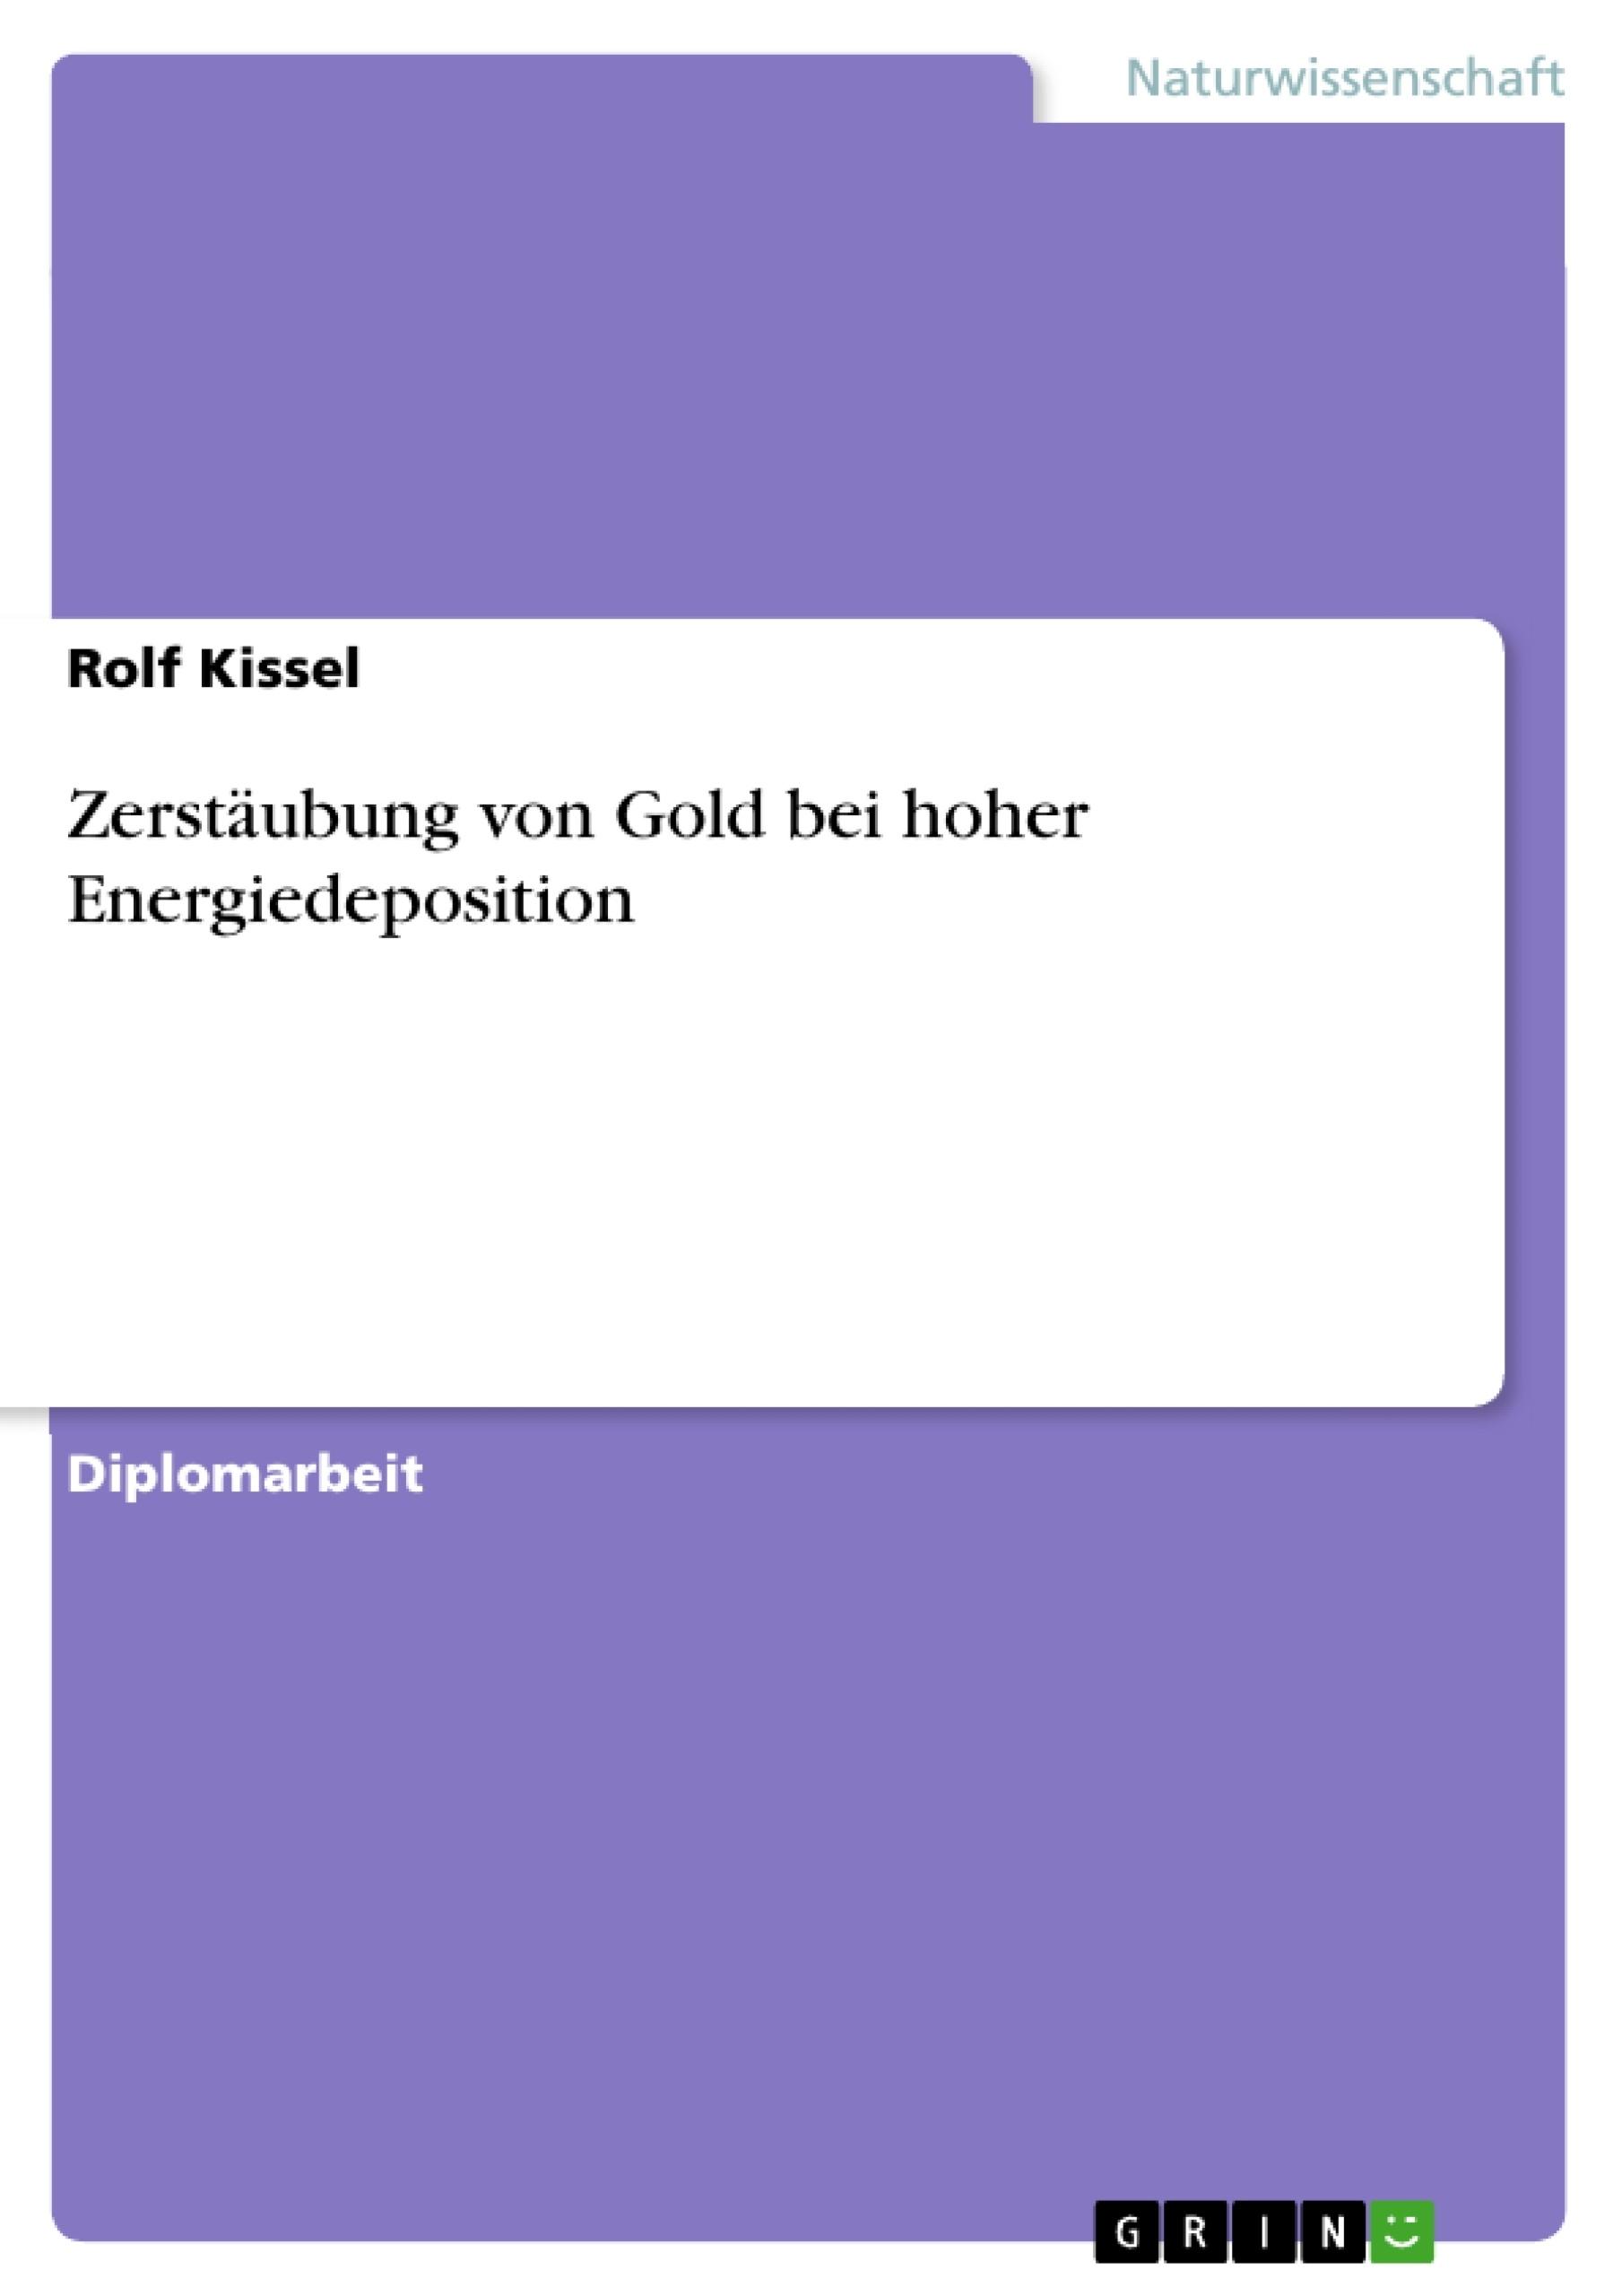 Titel: Zerstäubung von Gold bei hoher Energiedeposition